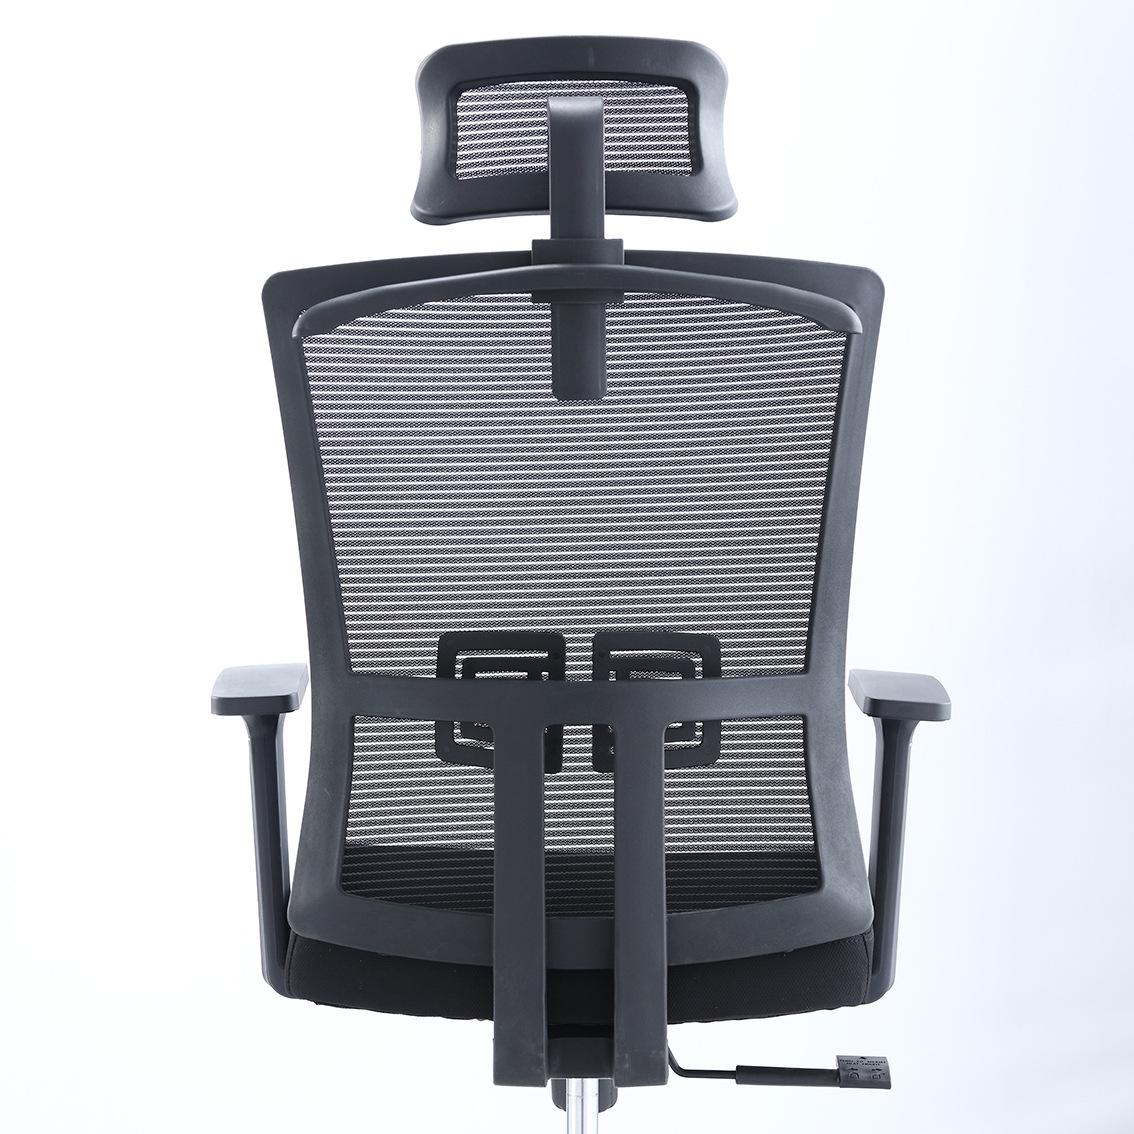 ZHONGYANG ghế văn phòng Bán buôn ghế máy tính lưới nhà văn phòng ghế xoay làm việc ngả nâng nhân viê